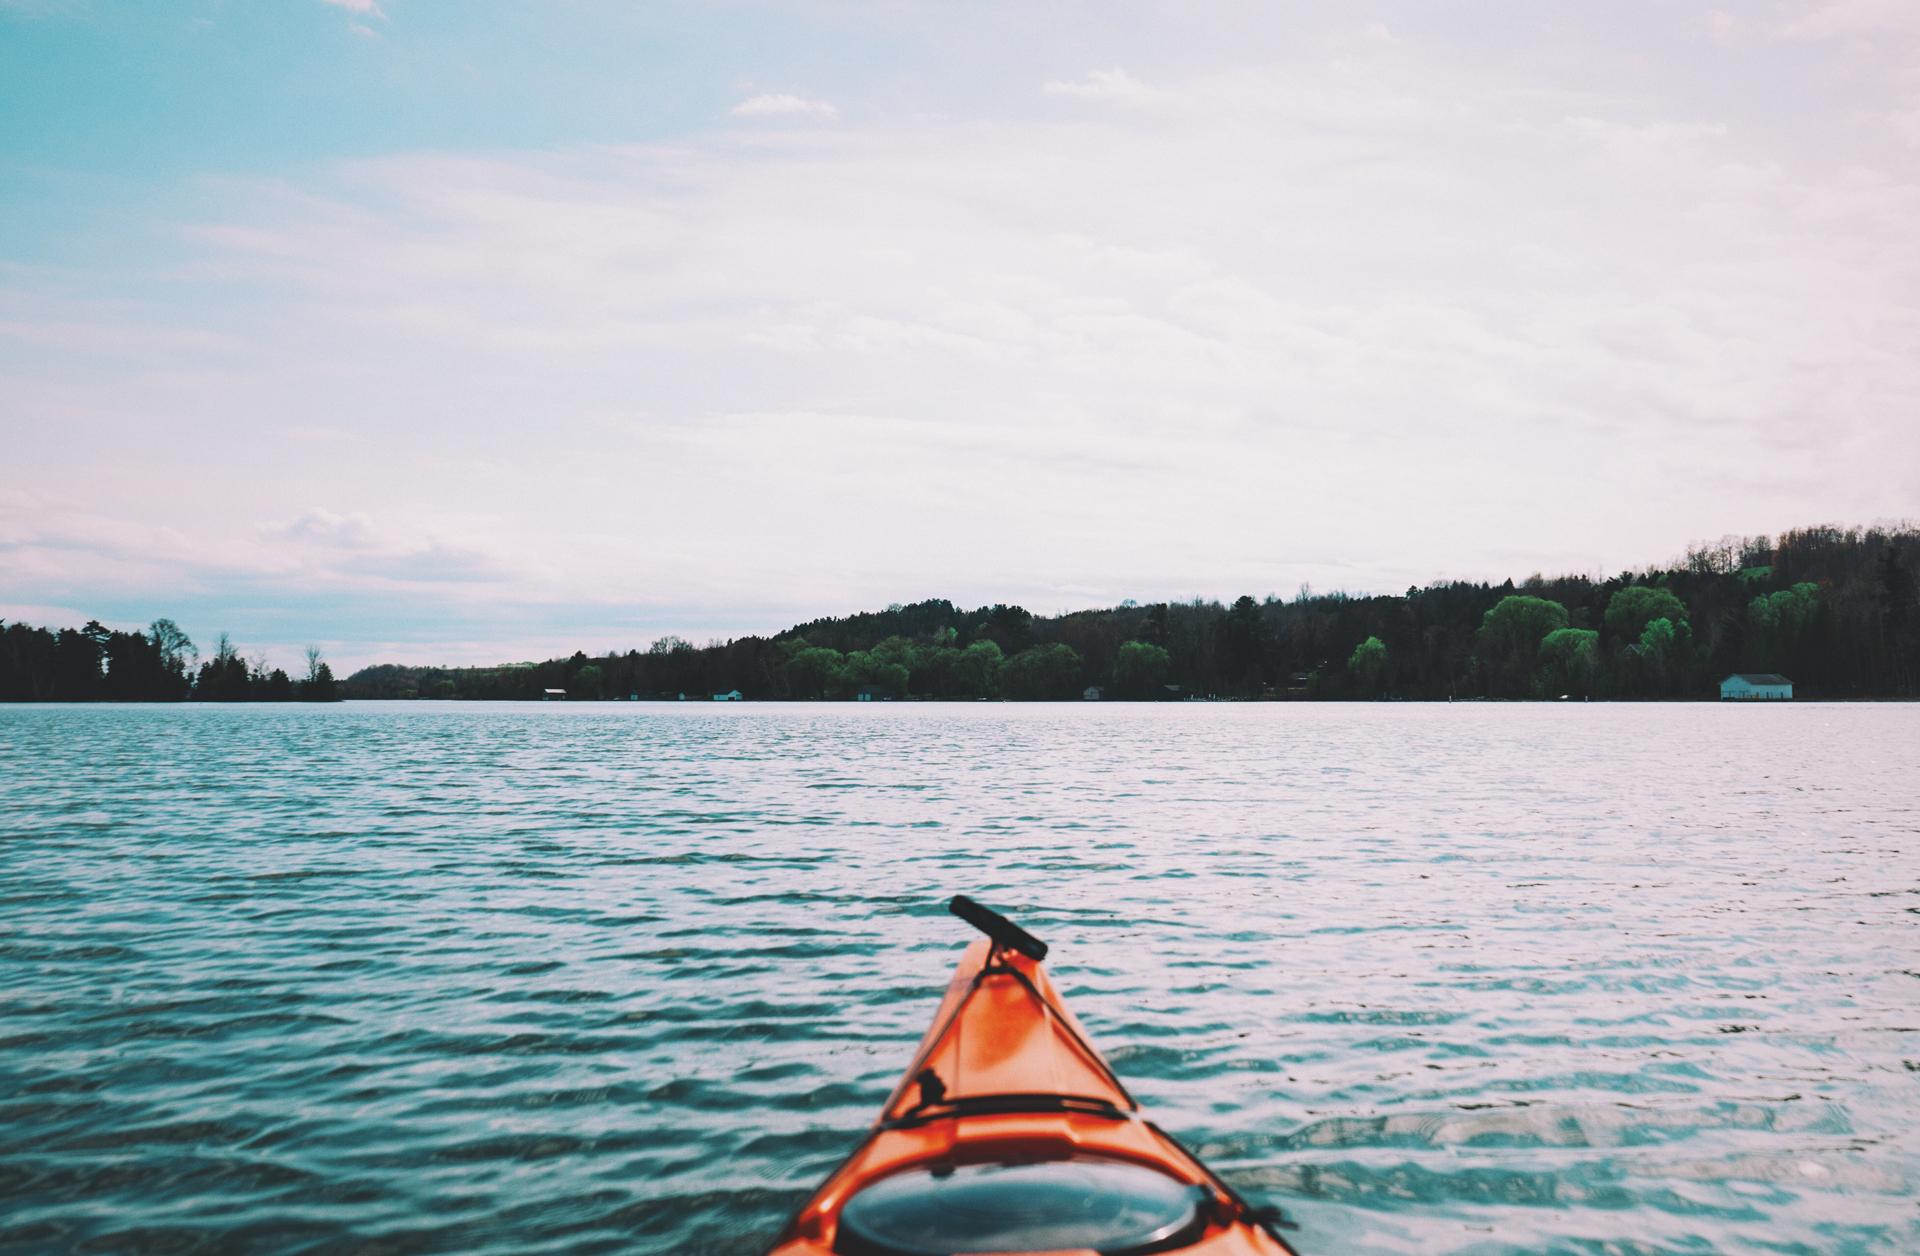 lake-kajak-kayak